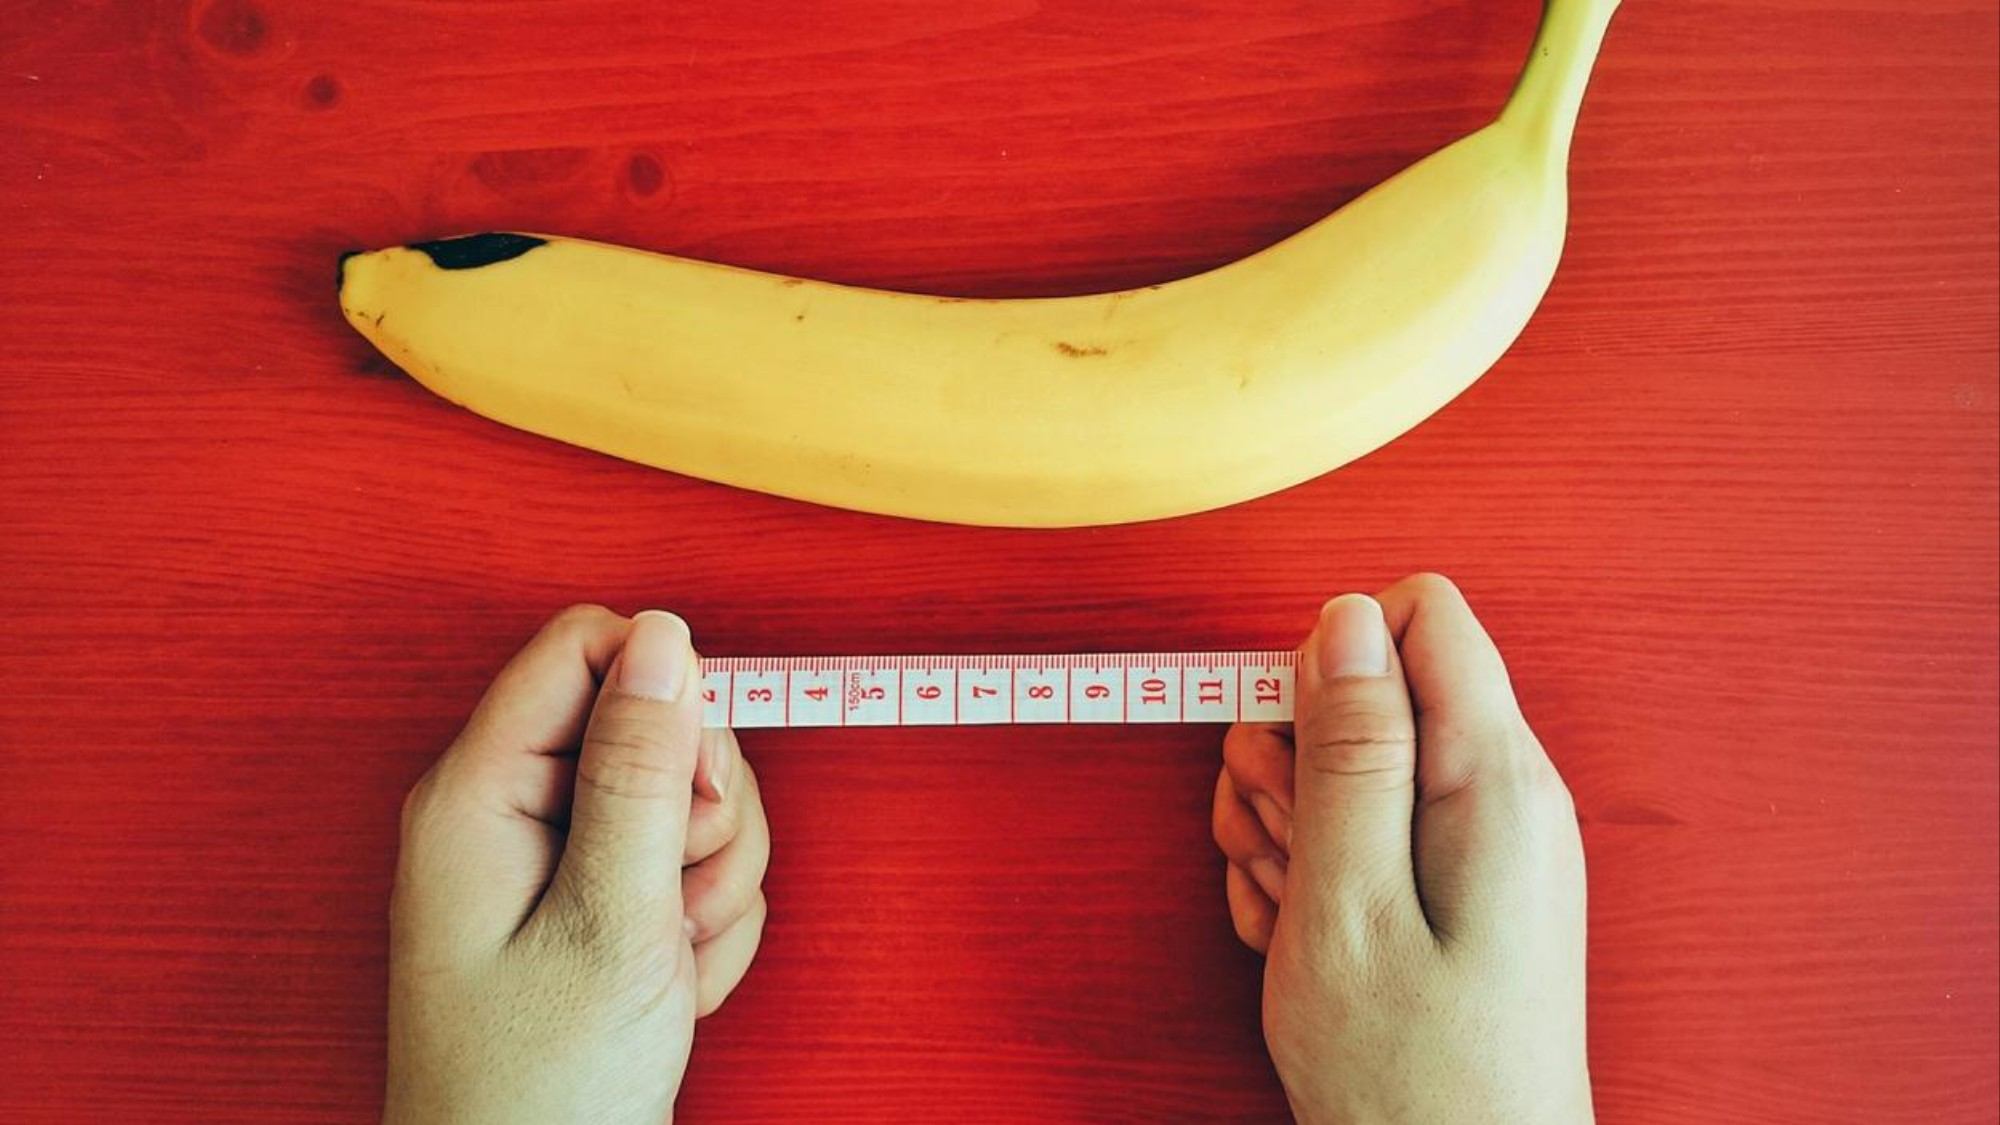 el diámetro del pene erecto importa